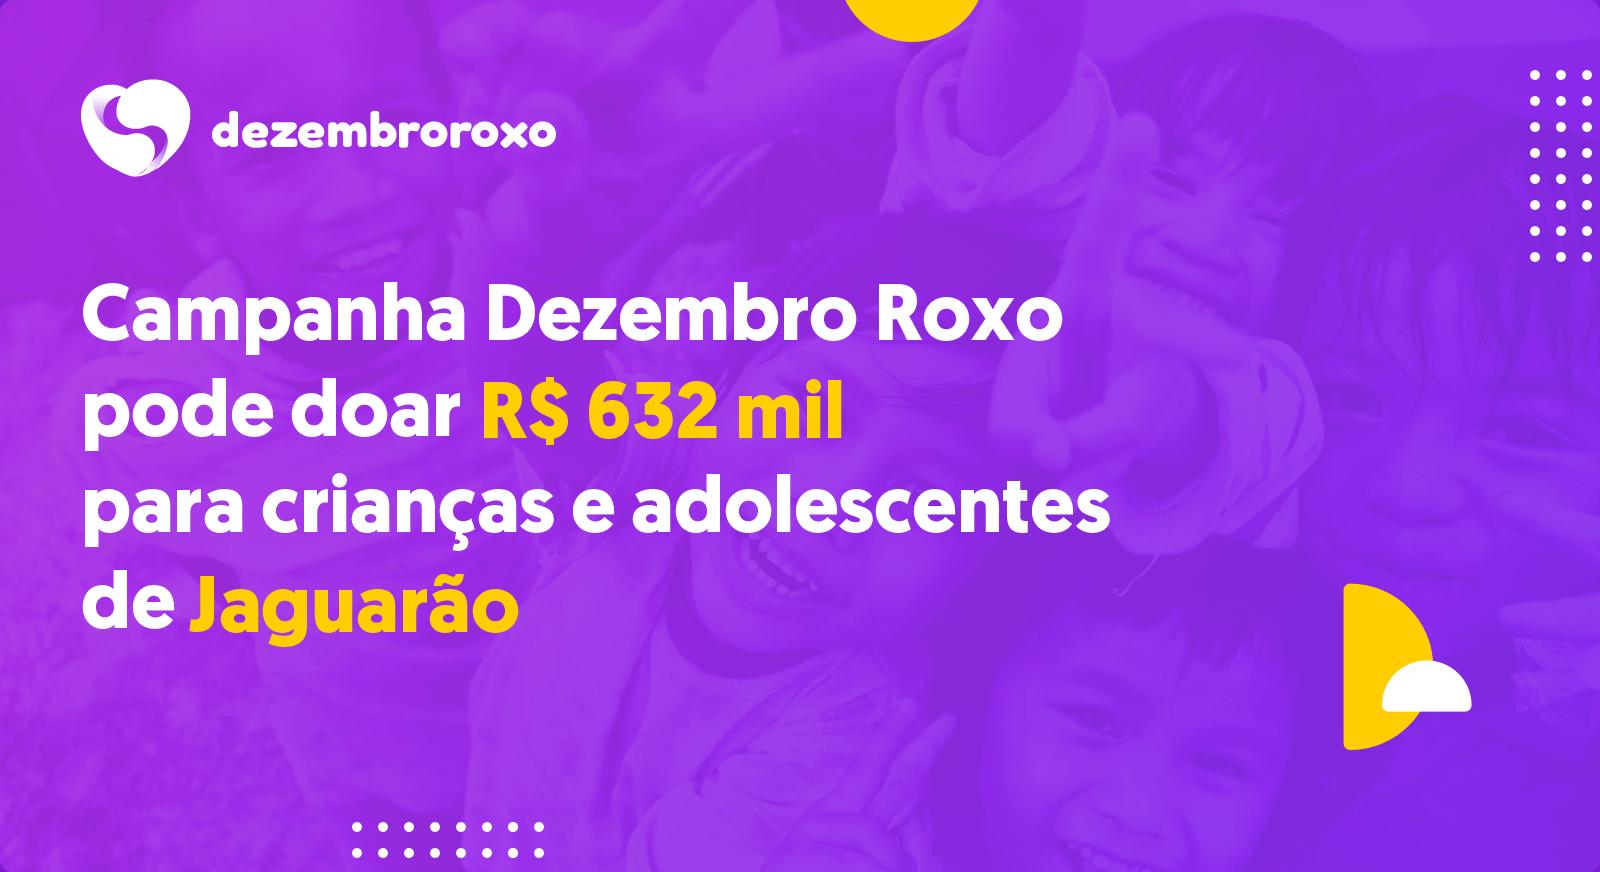 Doações em Jaguarão - RS